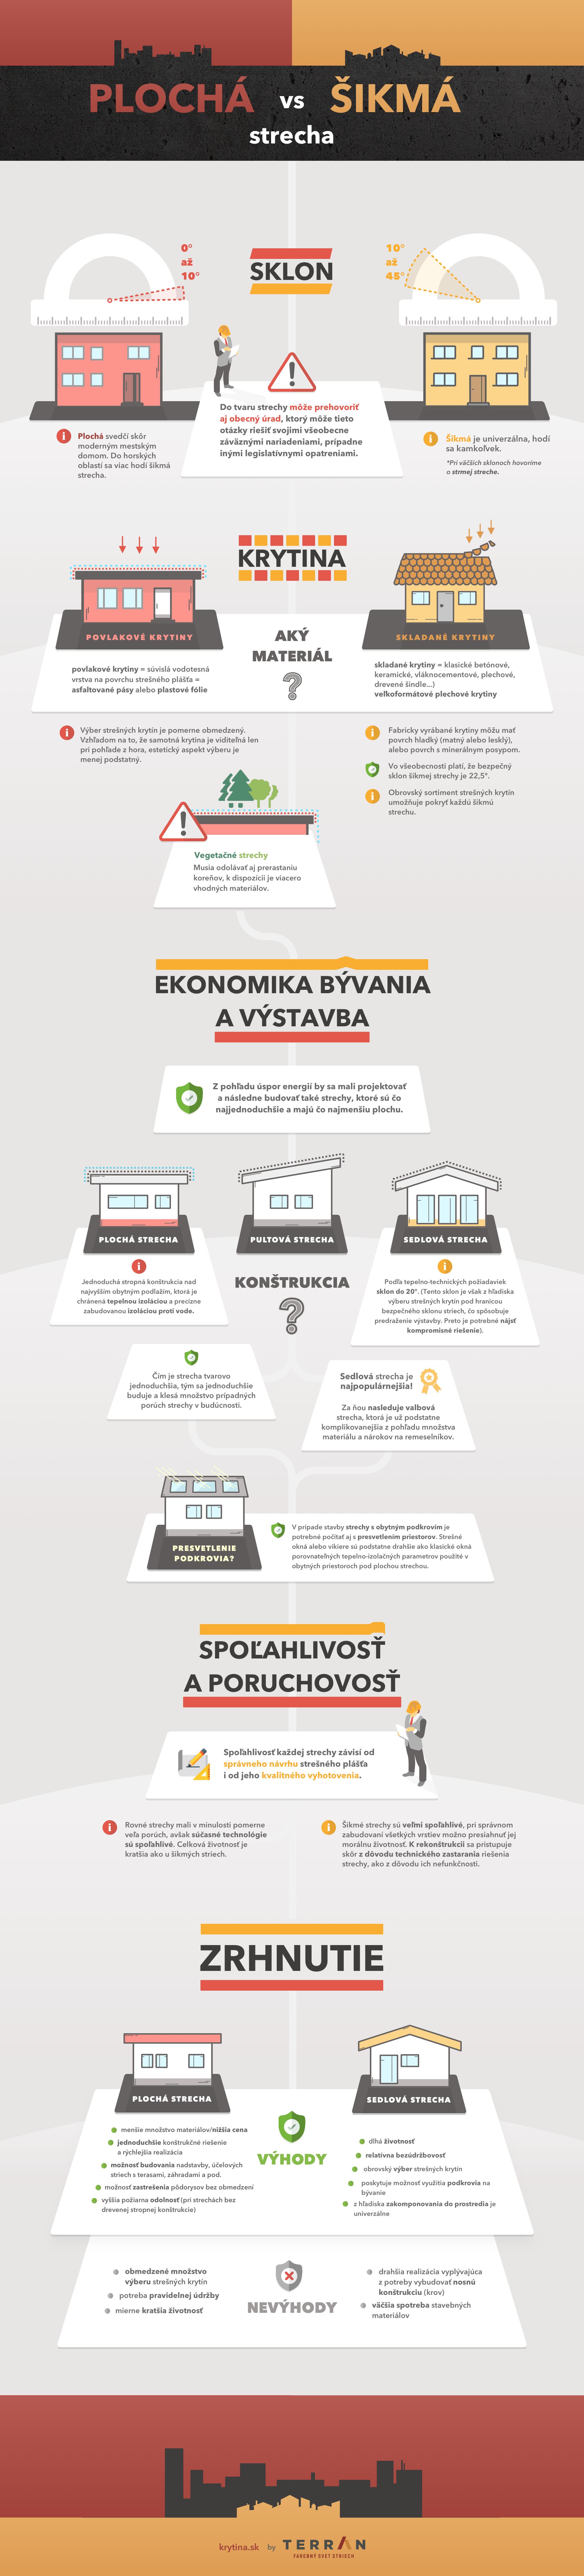 infografika-sikma-vs-plocha-strecha